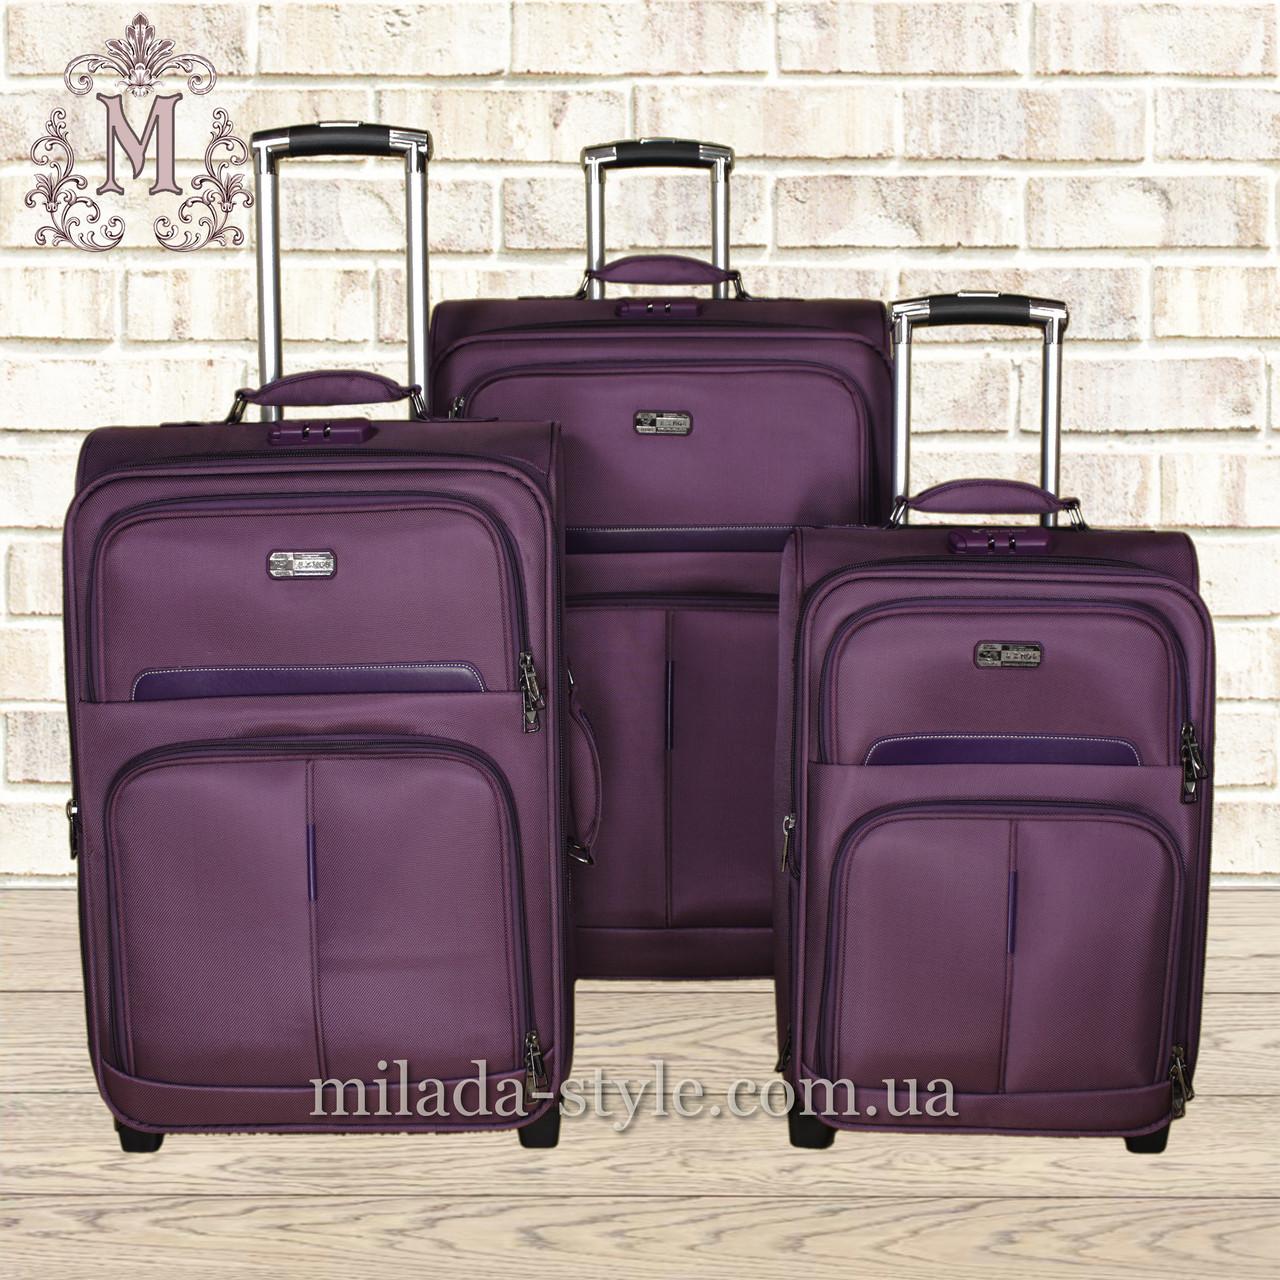 Комплект чемоданов 2-х колесных (фиолетовый)